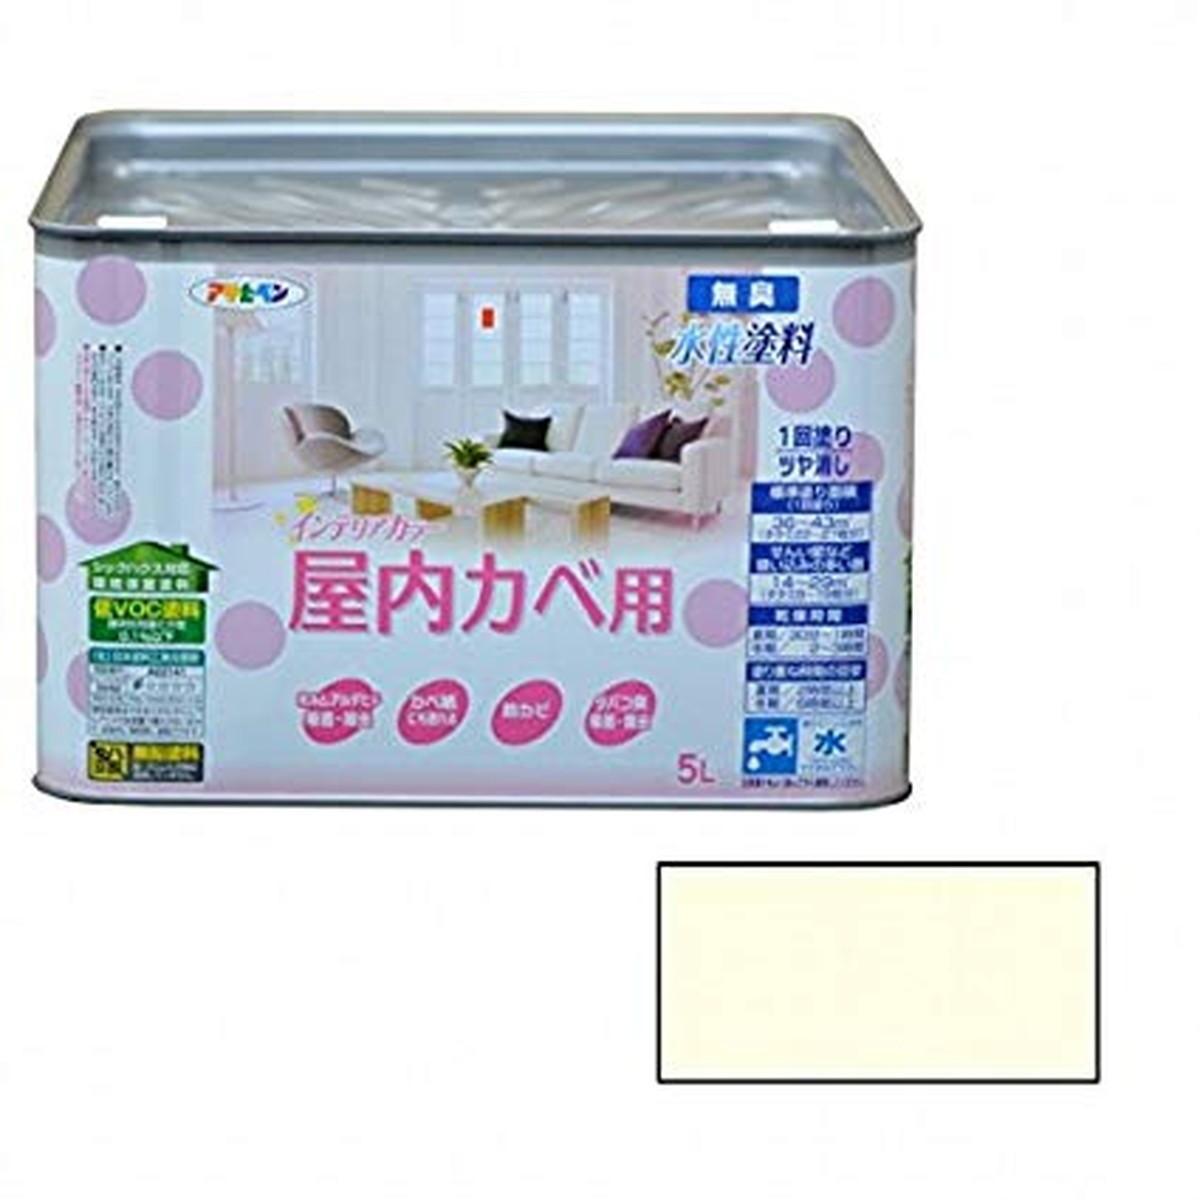 アサヒペン NEW水性インテリアカラー屋内カベ 5L ホワイトイエロー【クーポン配布中】